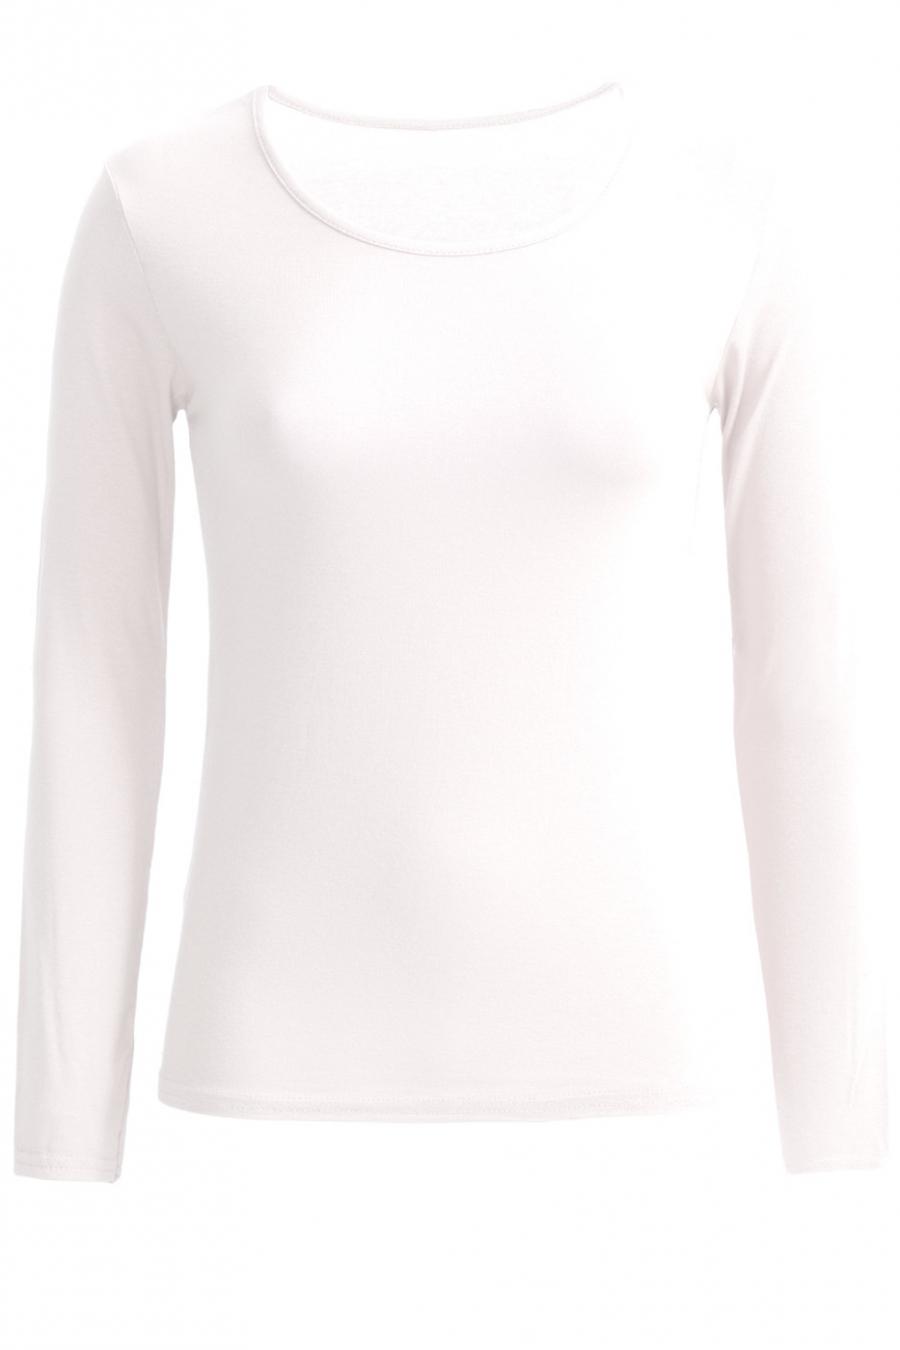 Zeer trendy witte trui met ronde hals. Goedkope dameskleding.